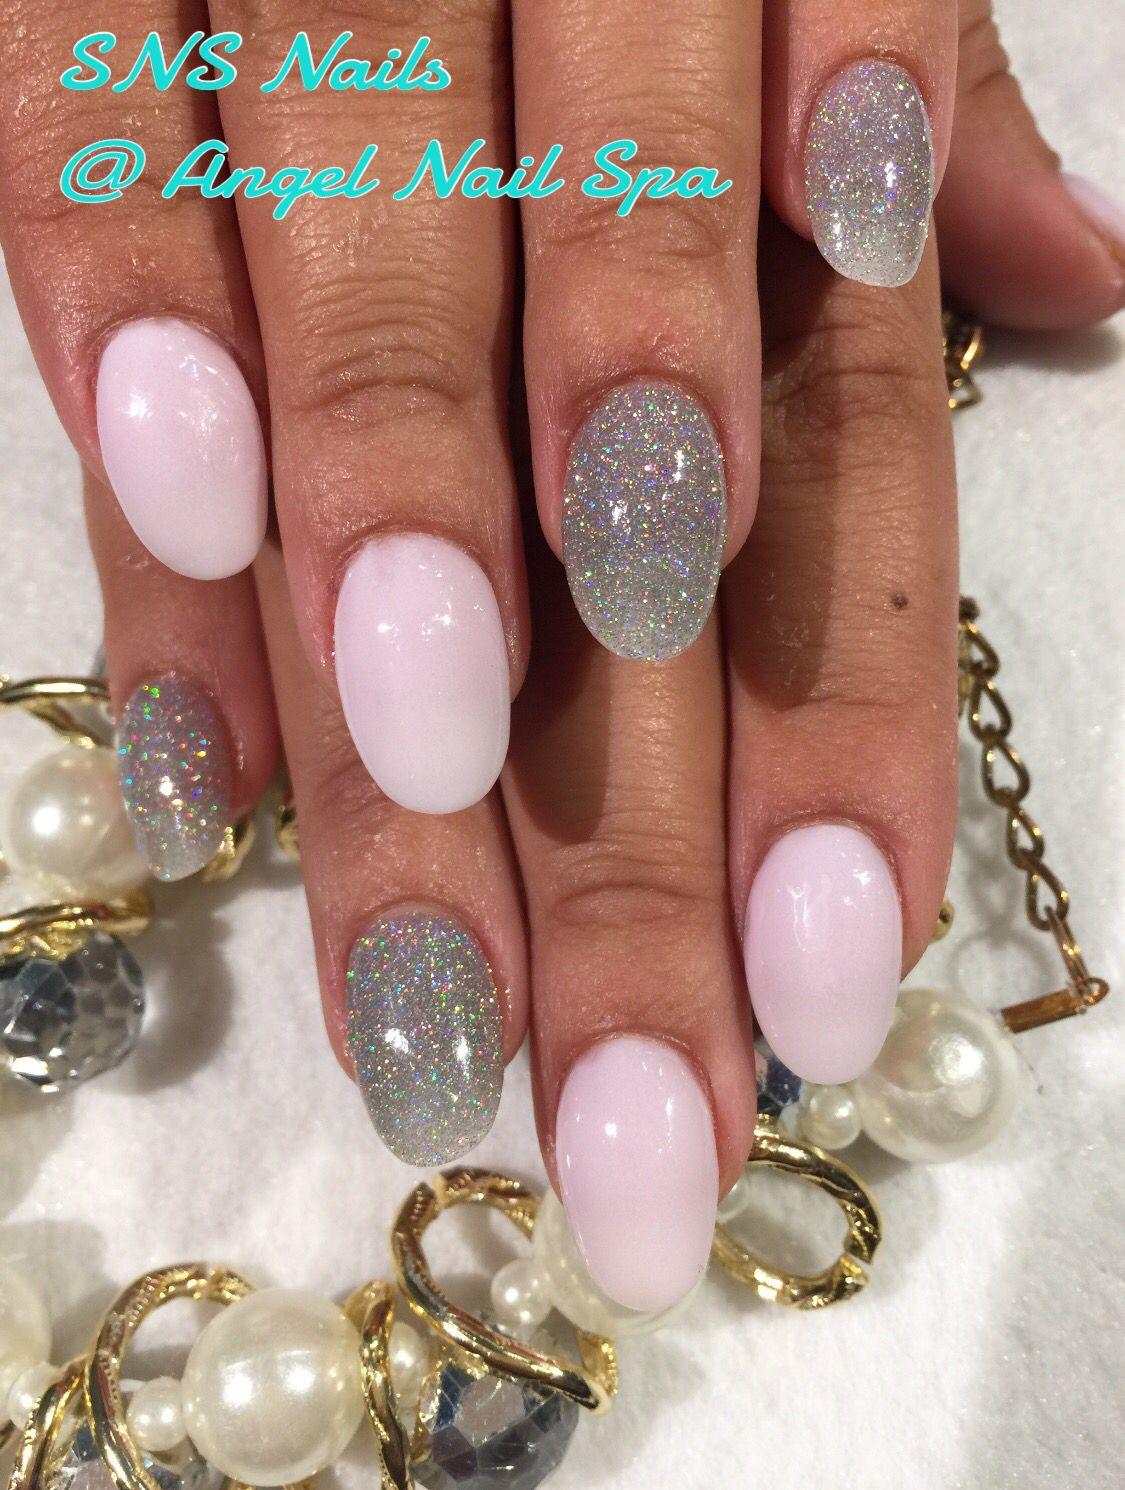 SNS nails (dipping powders ) . | Nail ideas | Pinterest | Sns nails ...